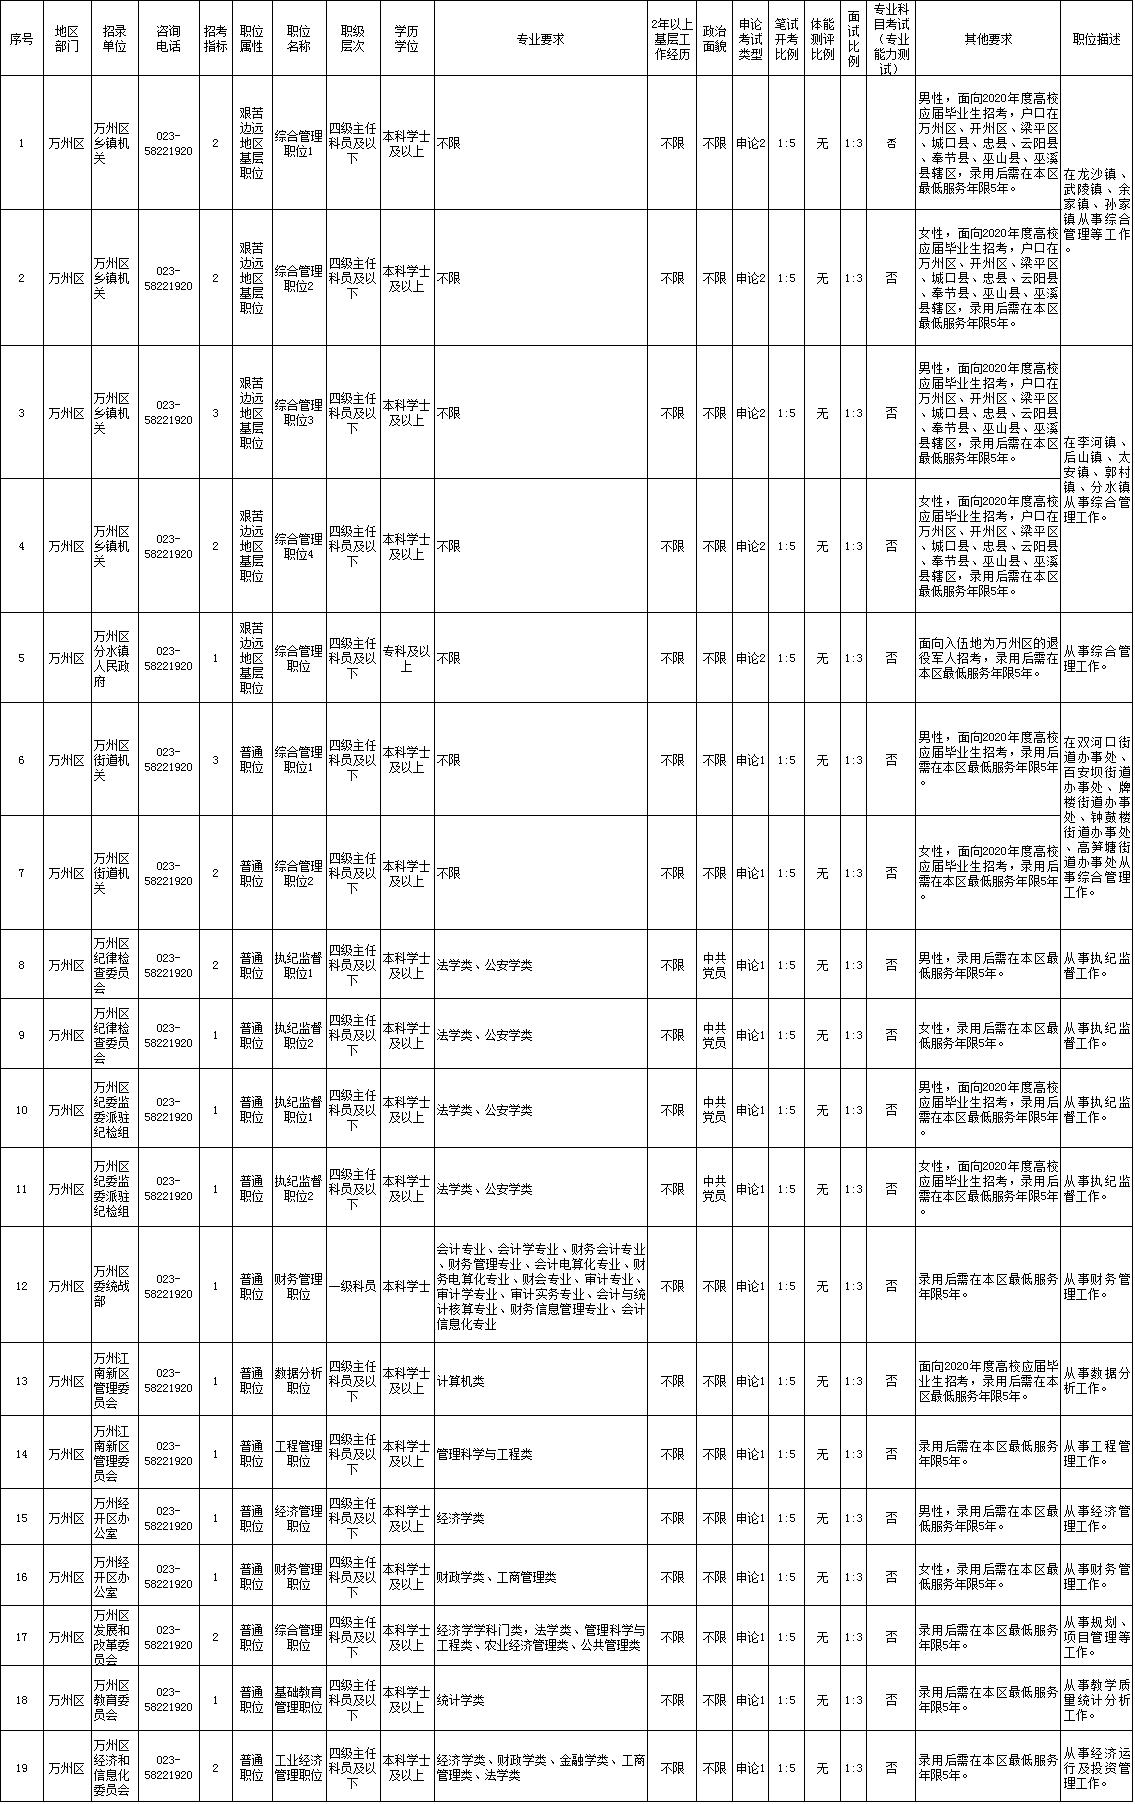 重庆市2020年度公开考试录用公务员公告